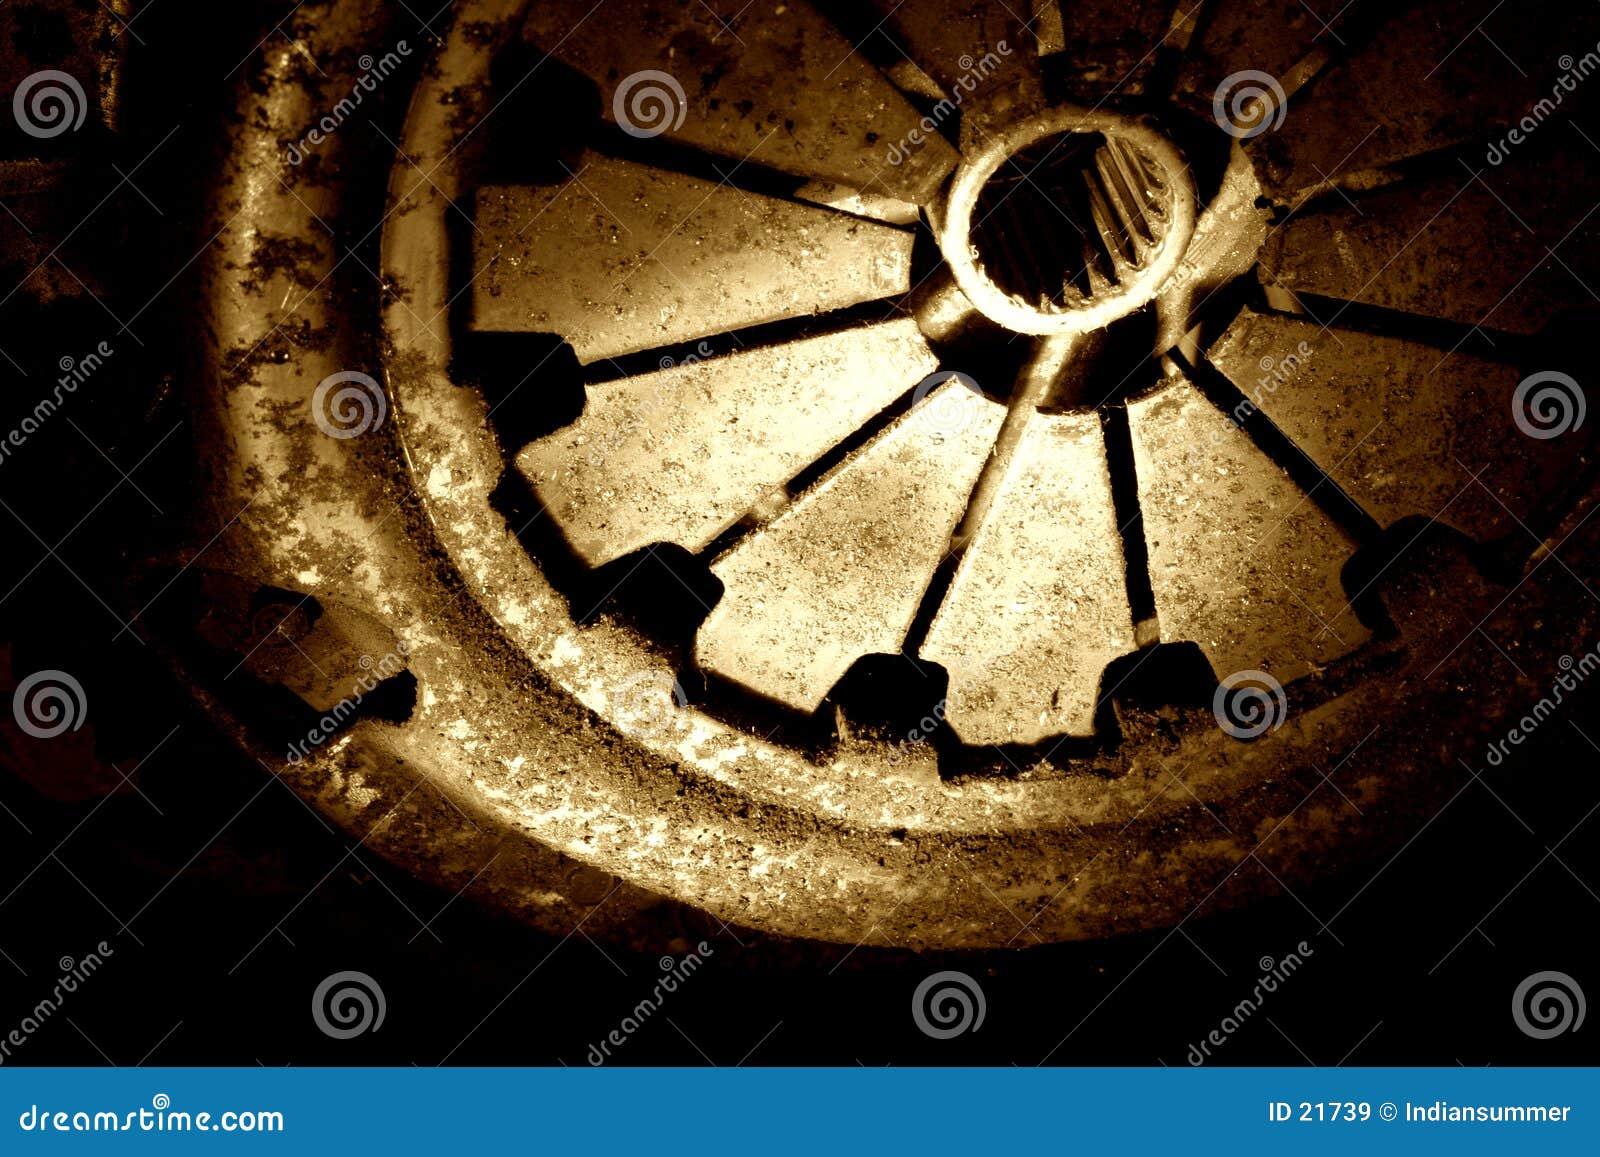 Download Vita arrugginita immagine stock. Immagine di metallo, particolari - 21739